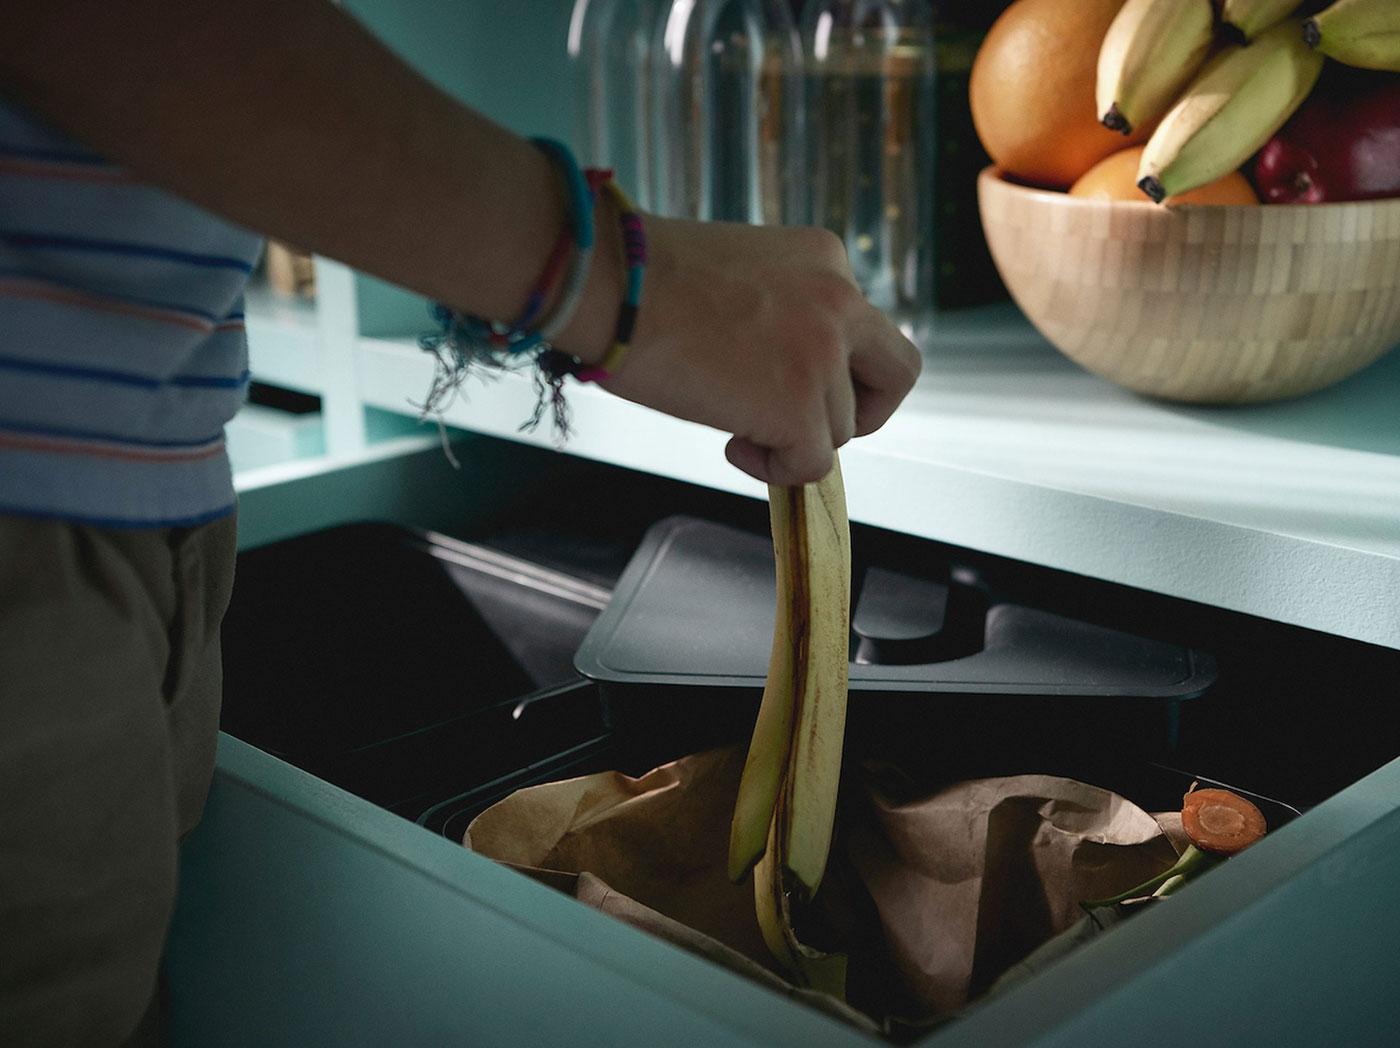 Muž vyhadzuje banánovú šupu do košov na triedenie odpadu VARIERA.